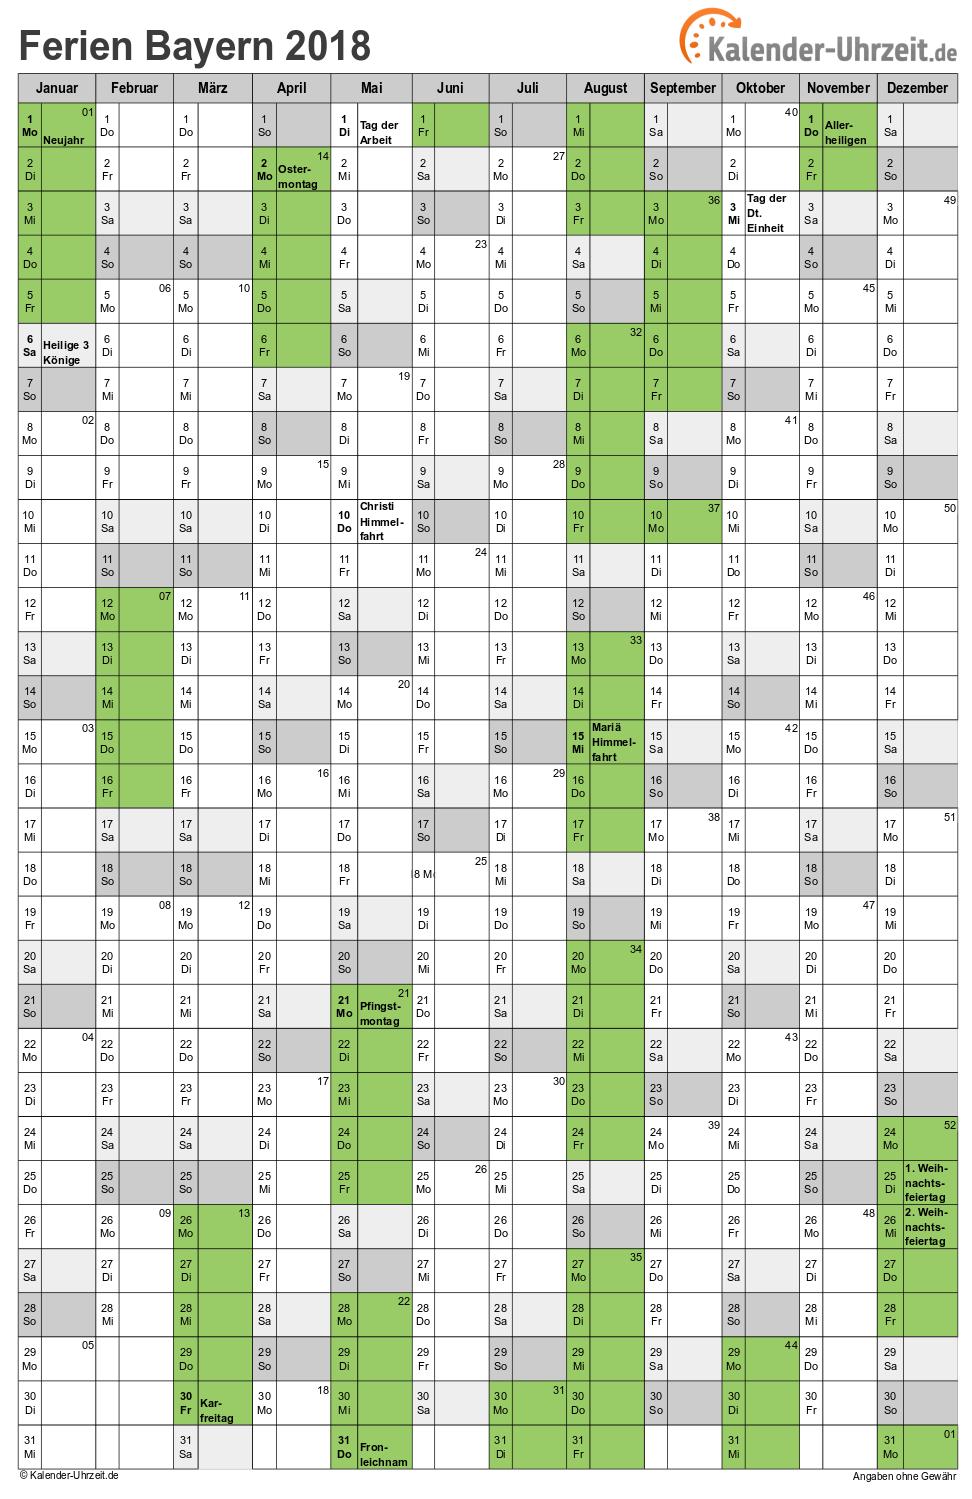 Ferien Bayern 2018 Ferienkalender Zum Ausdrucken